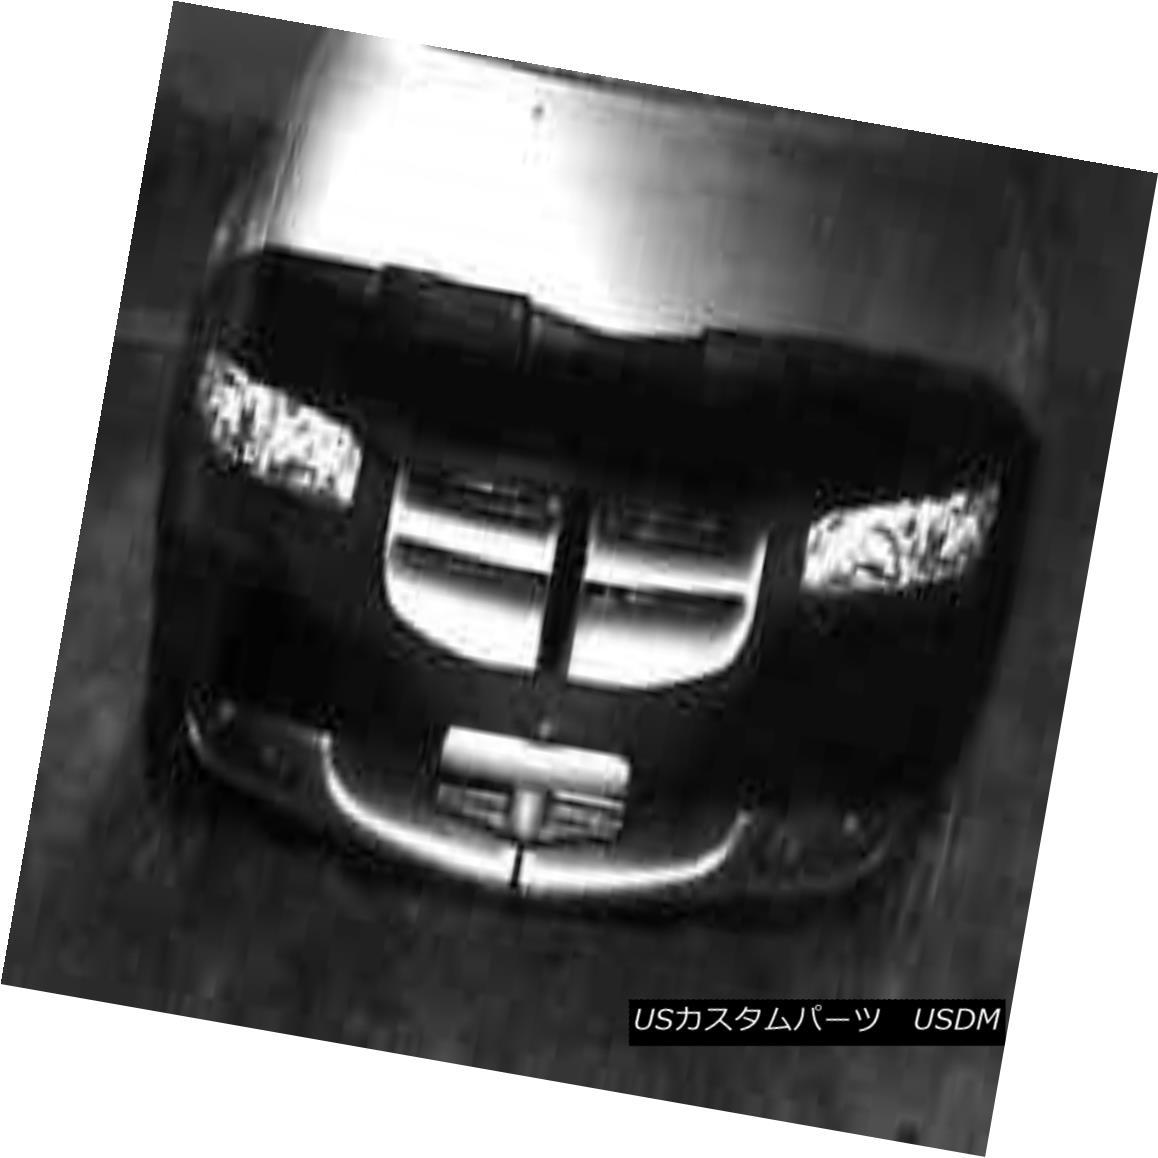 フルブラ ノーズブラ Front End Mask Bra Fits 1995 thru 2000 DODGE STRATUS 4 door sedan フロントエンドマスクブラは1995年から2000年にかけて完成DODGE STRATUS 4ドアセダン